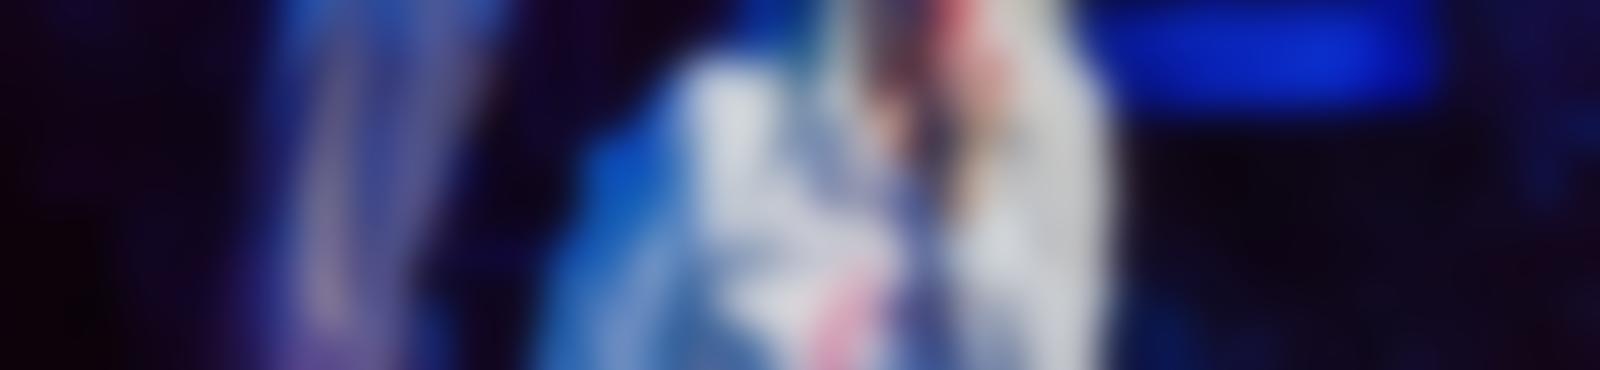 Blurred 948b64d8 65f8 479c b590 1ba8b0648f7a